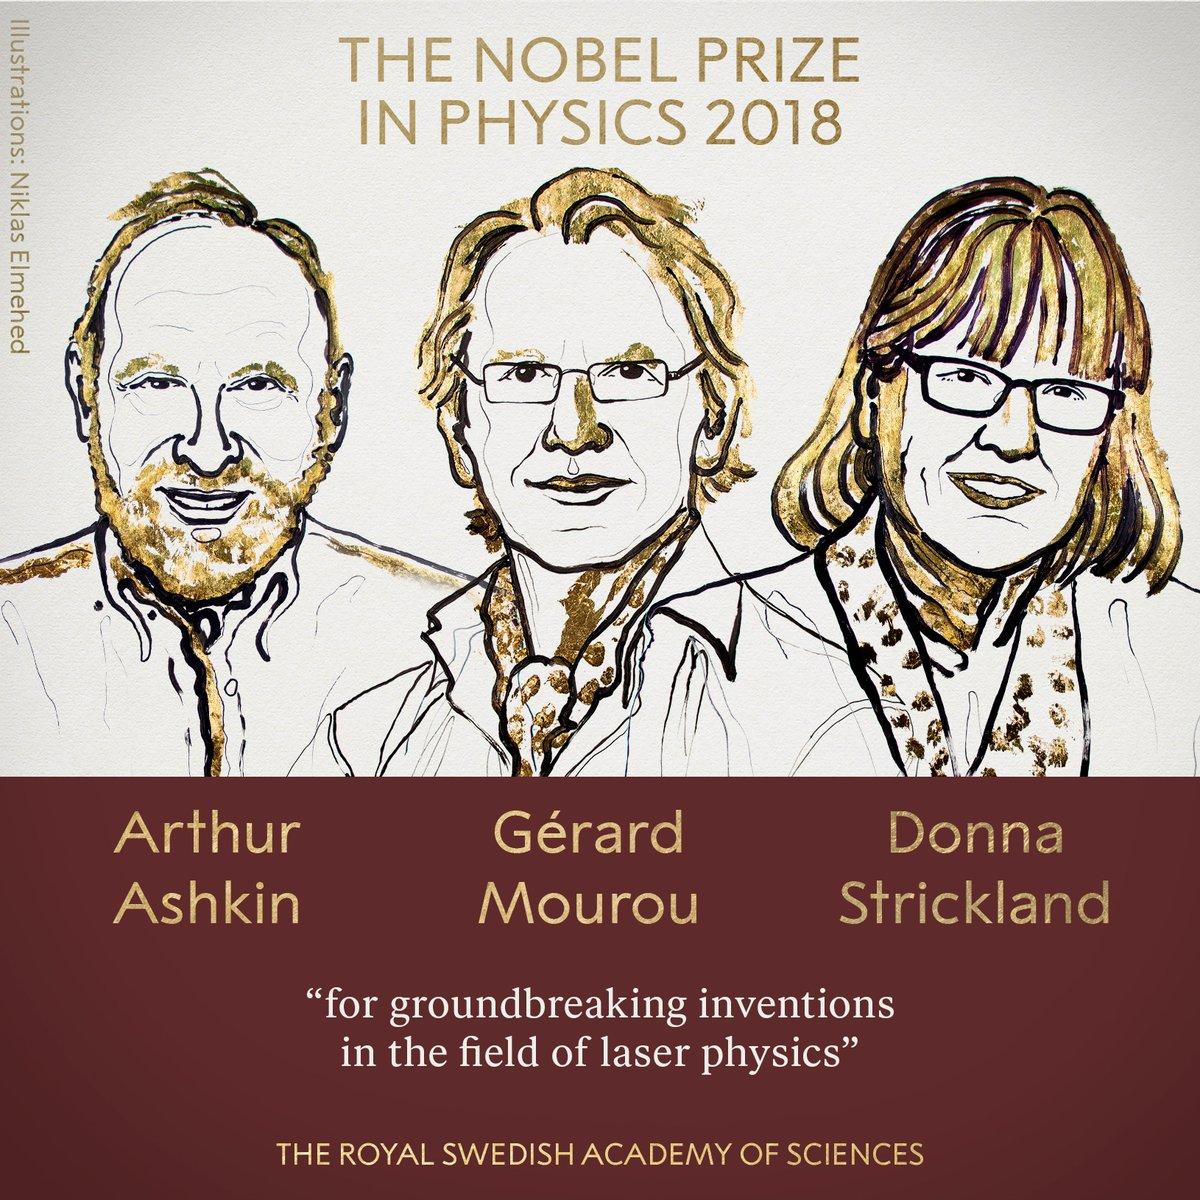 Nobel per la Fisica 2018 ad Askin, Mourou e Strickland